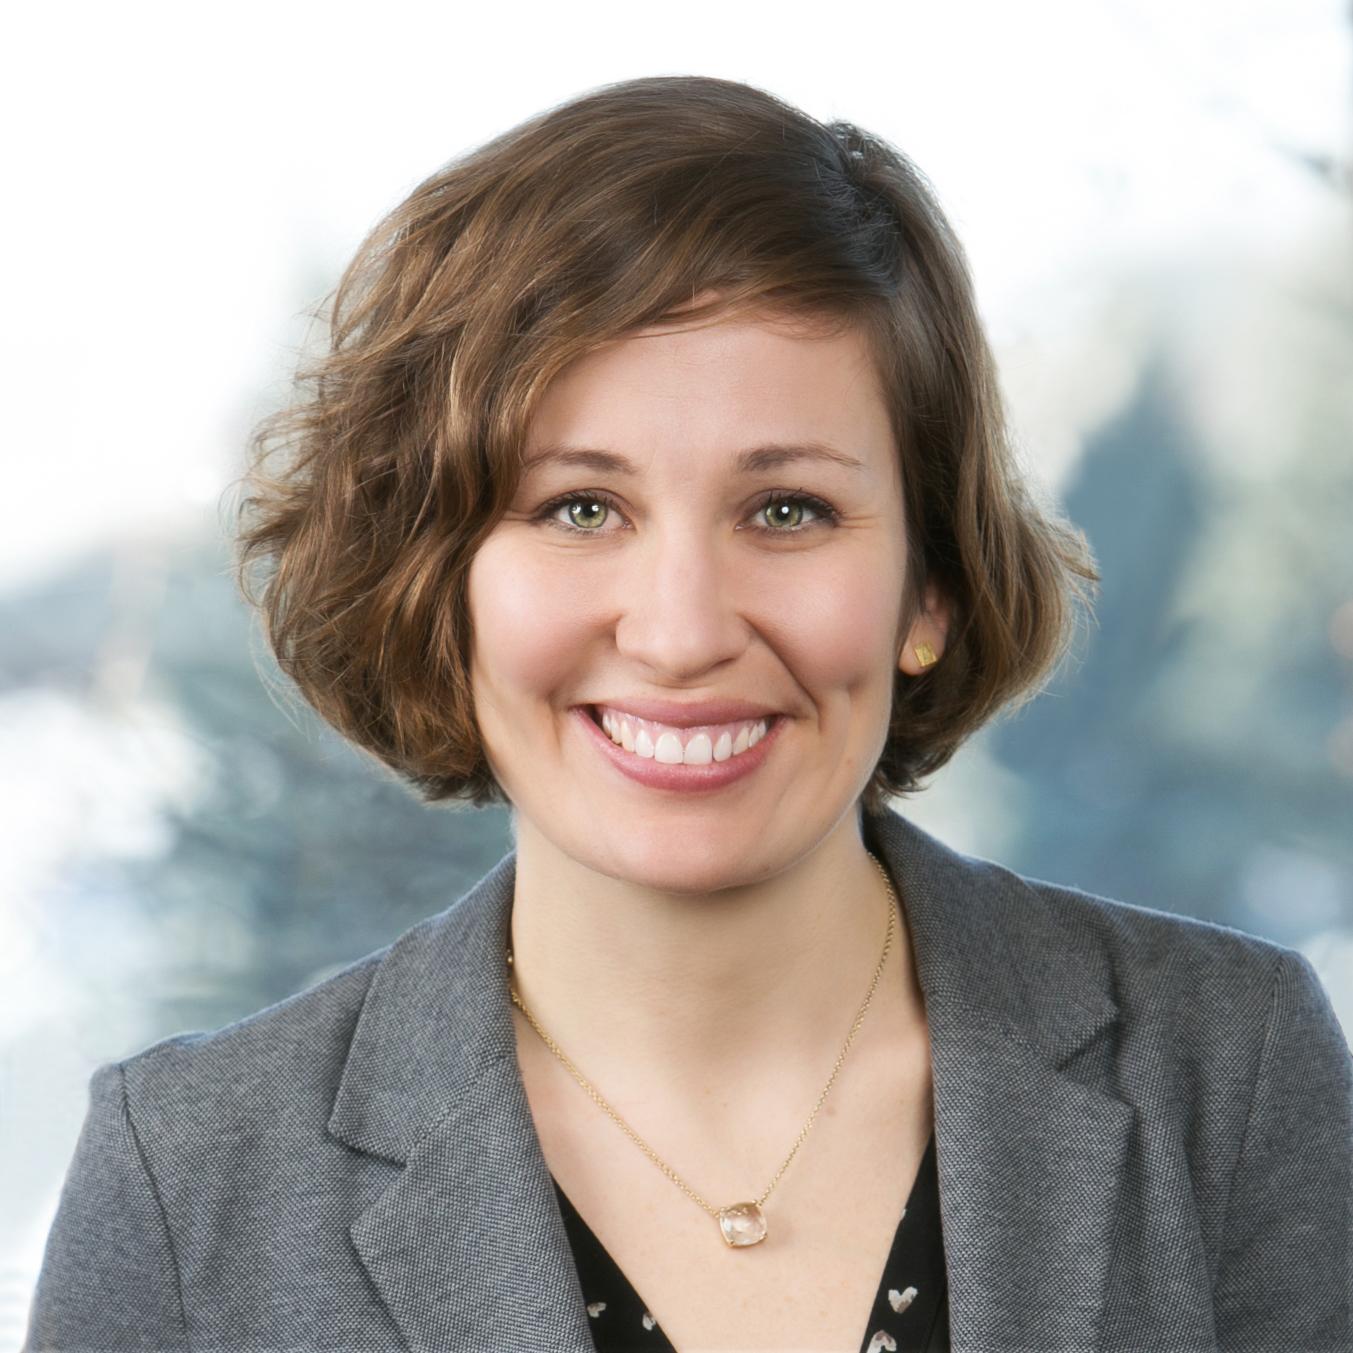 Headshot of Susie Schatz